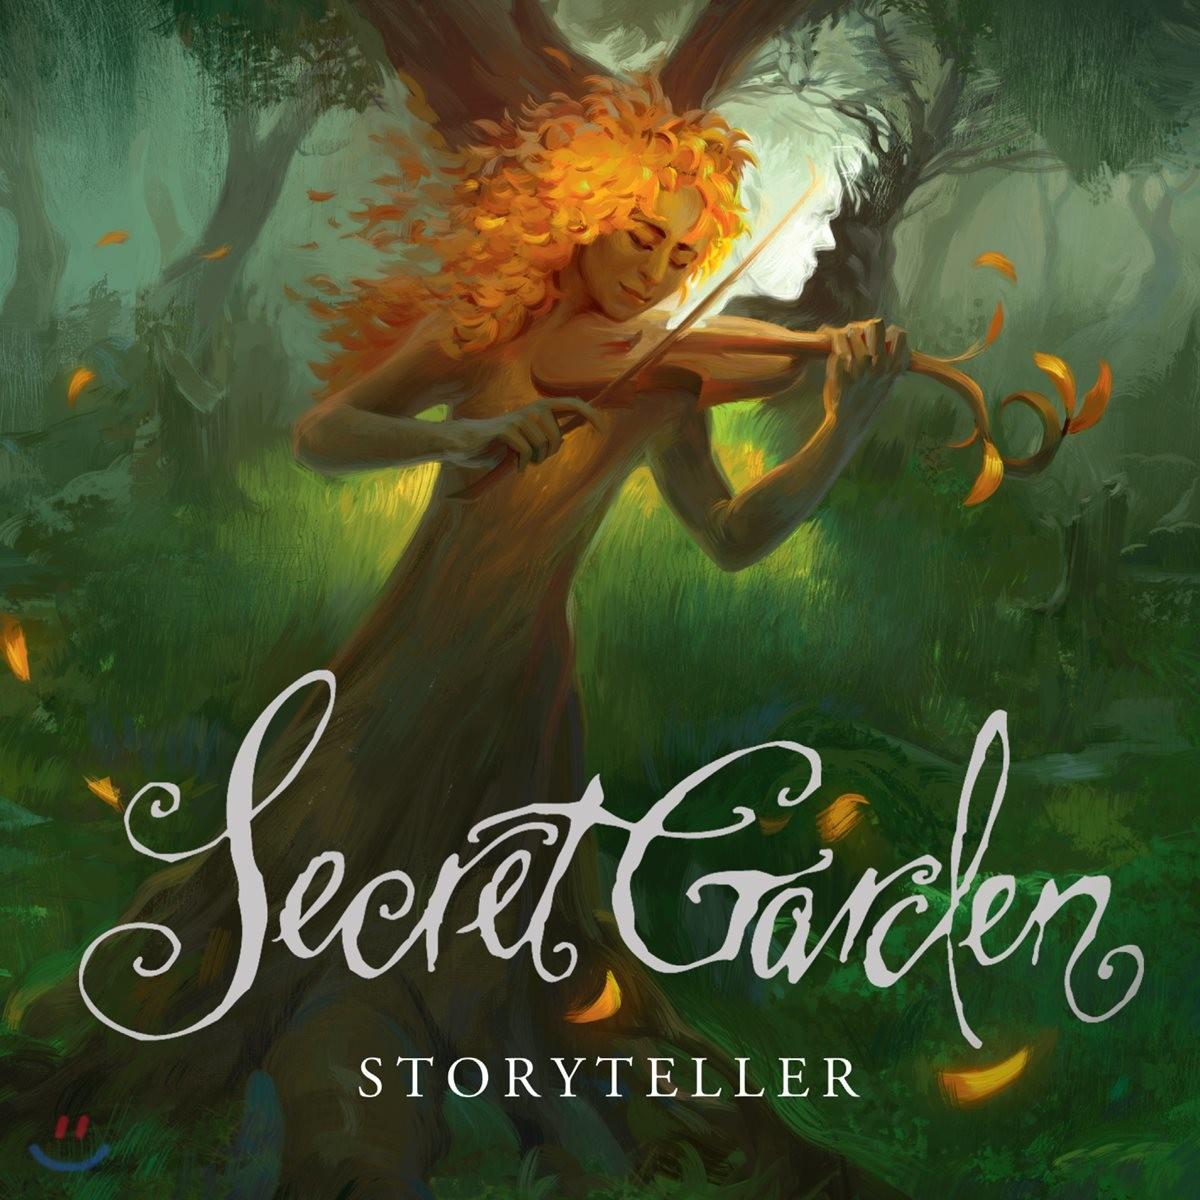 Secret Garden (시크릿 가든) - Storyteller